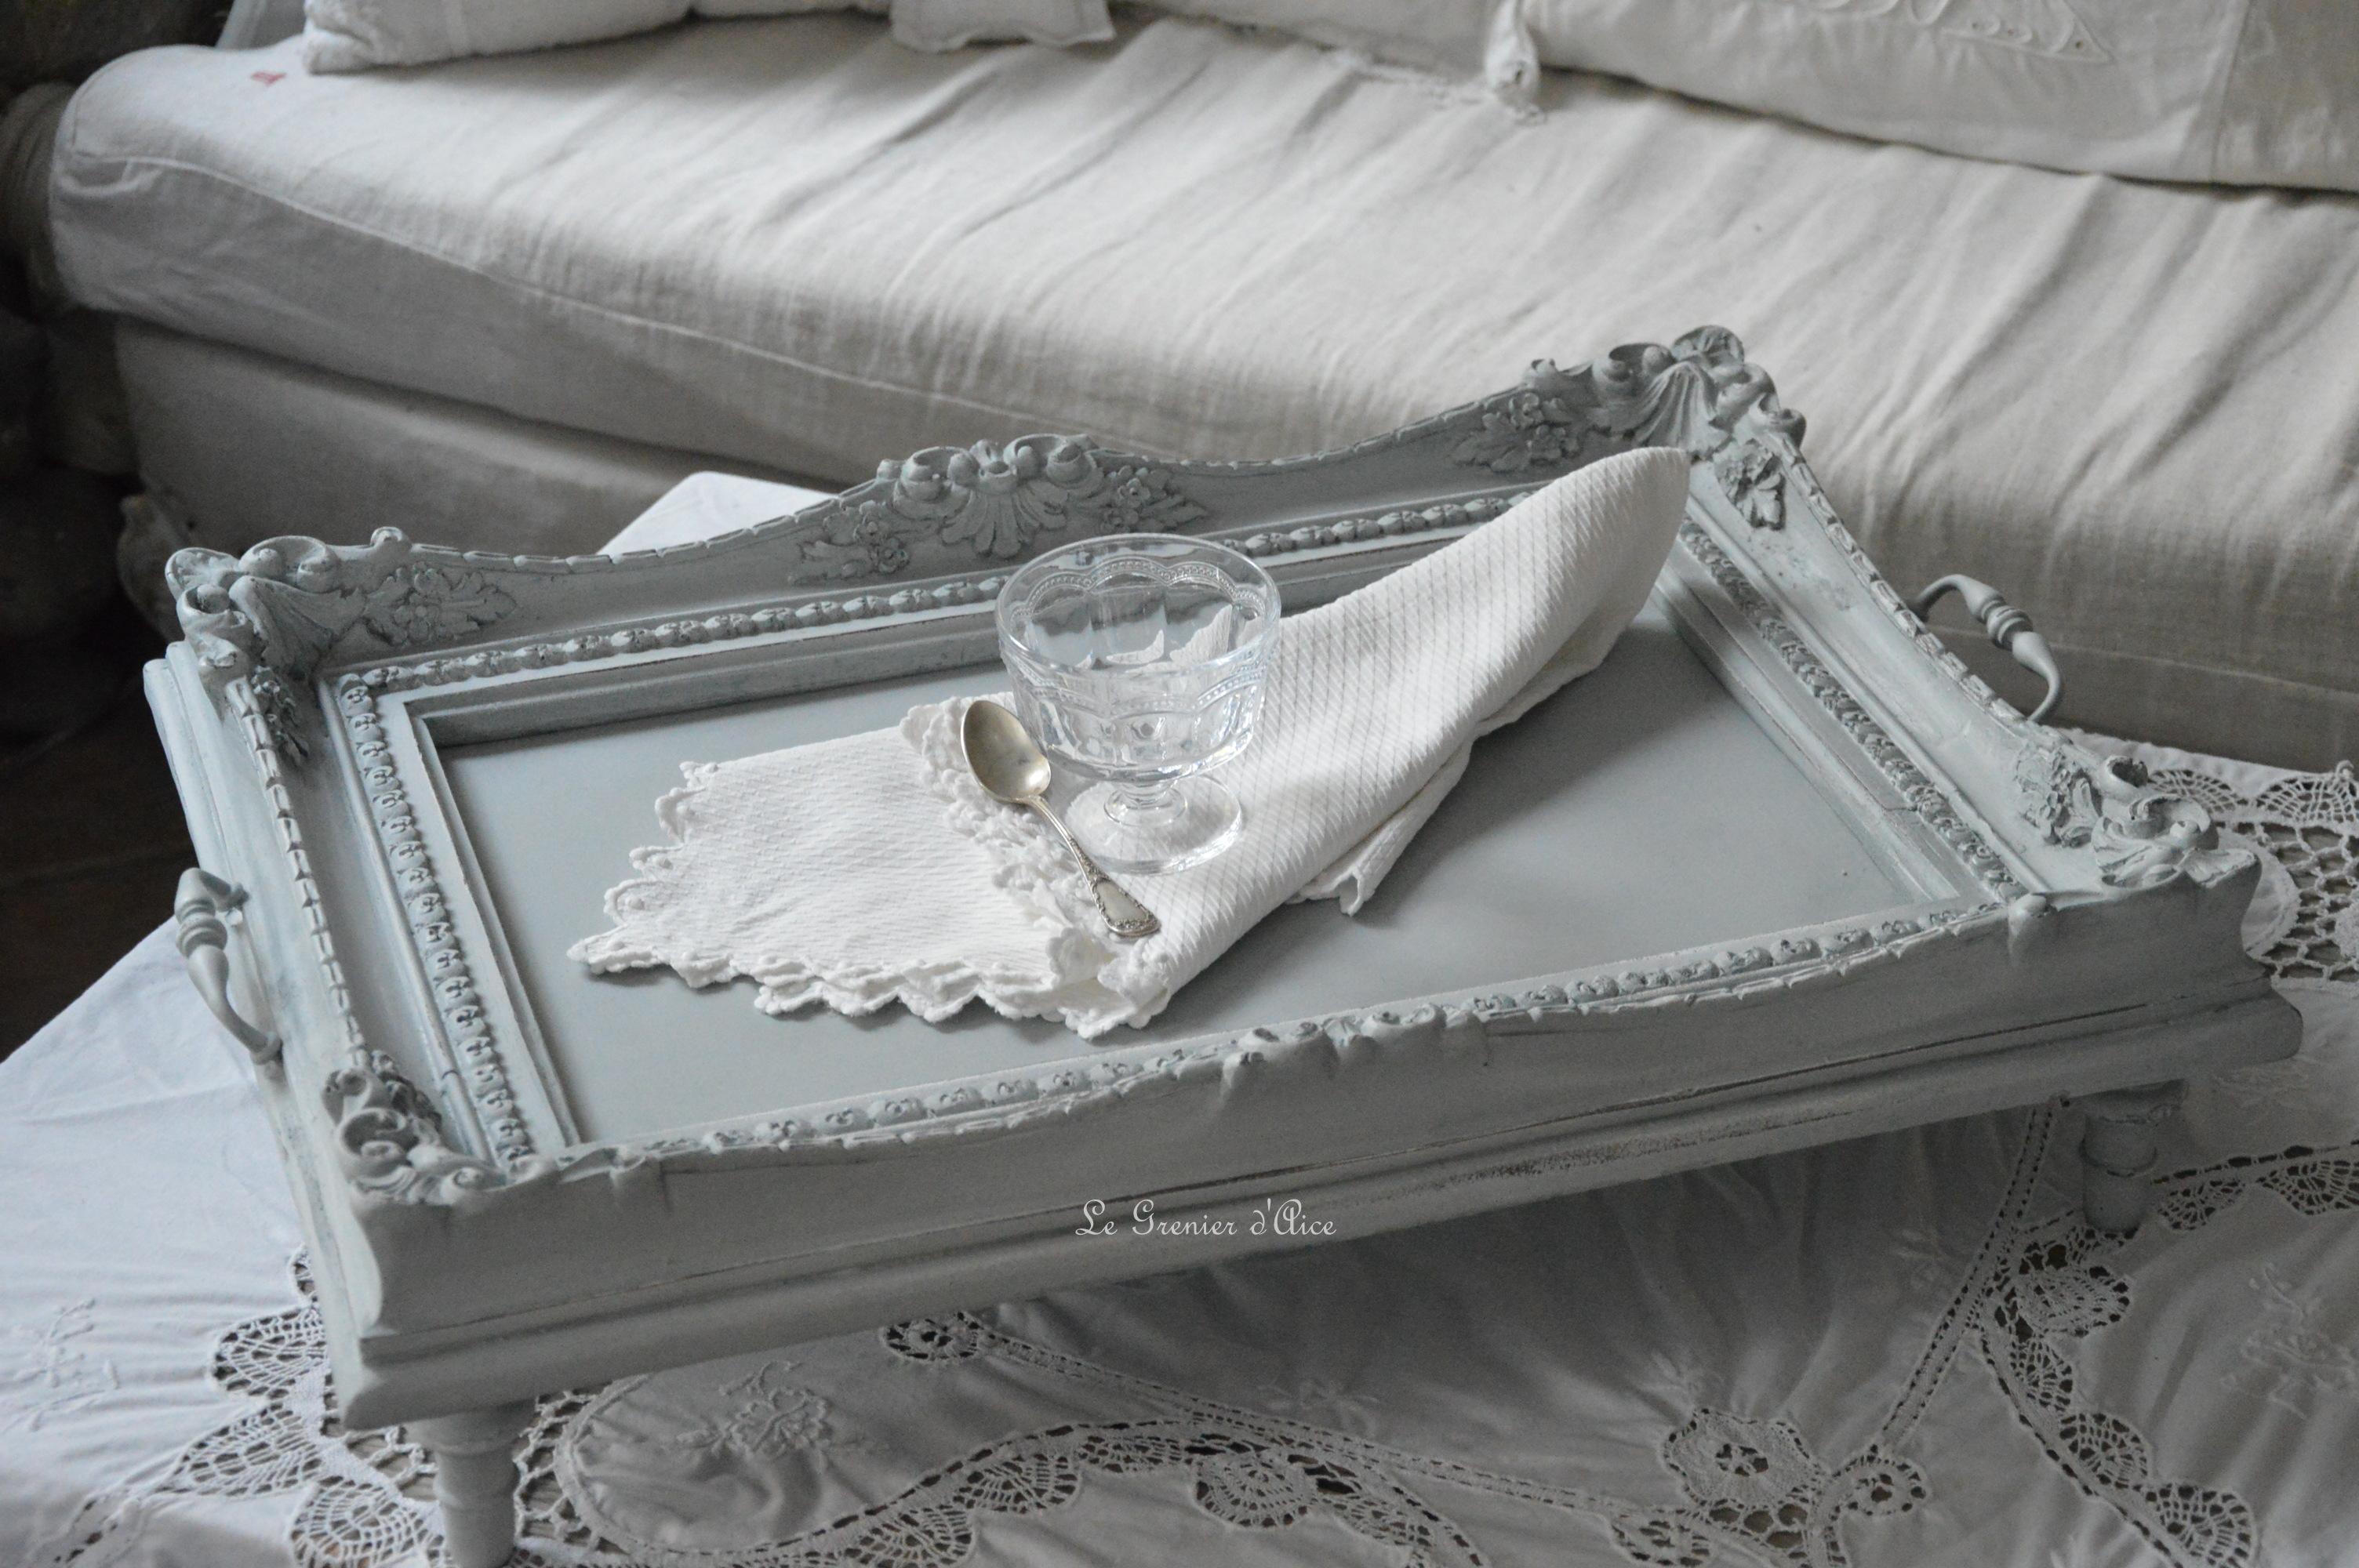 Plateau shabby chic et romantique plateau petit déjeuner patiné gris gustavien blanc vieilli blanc poudré lin création le grenier dalice 1